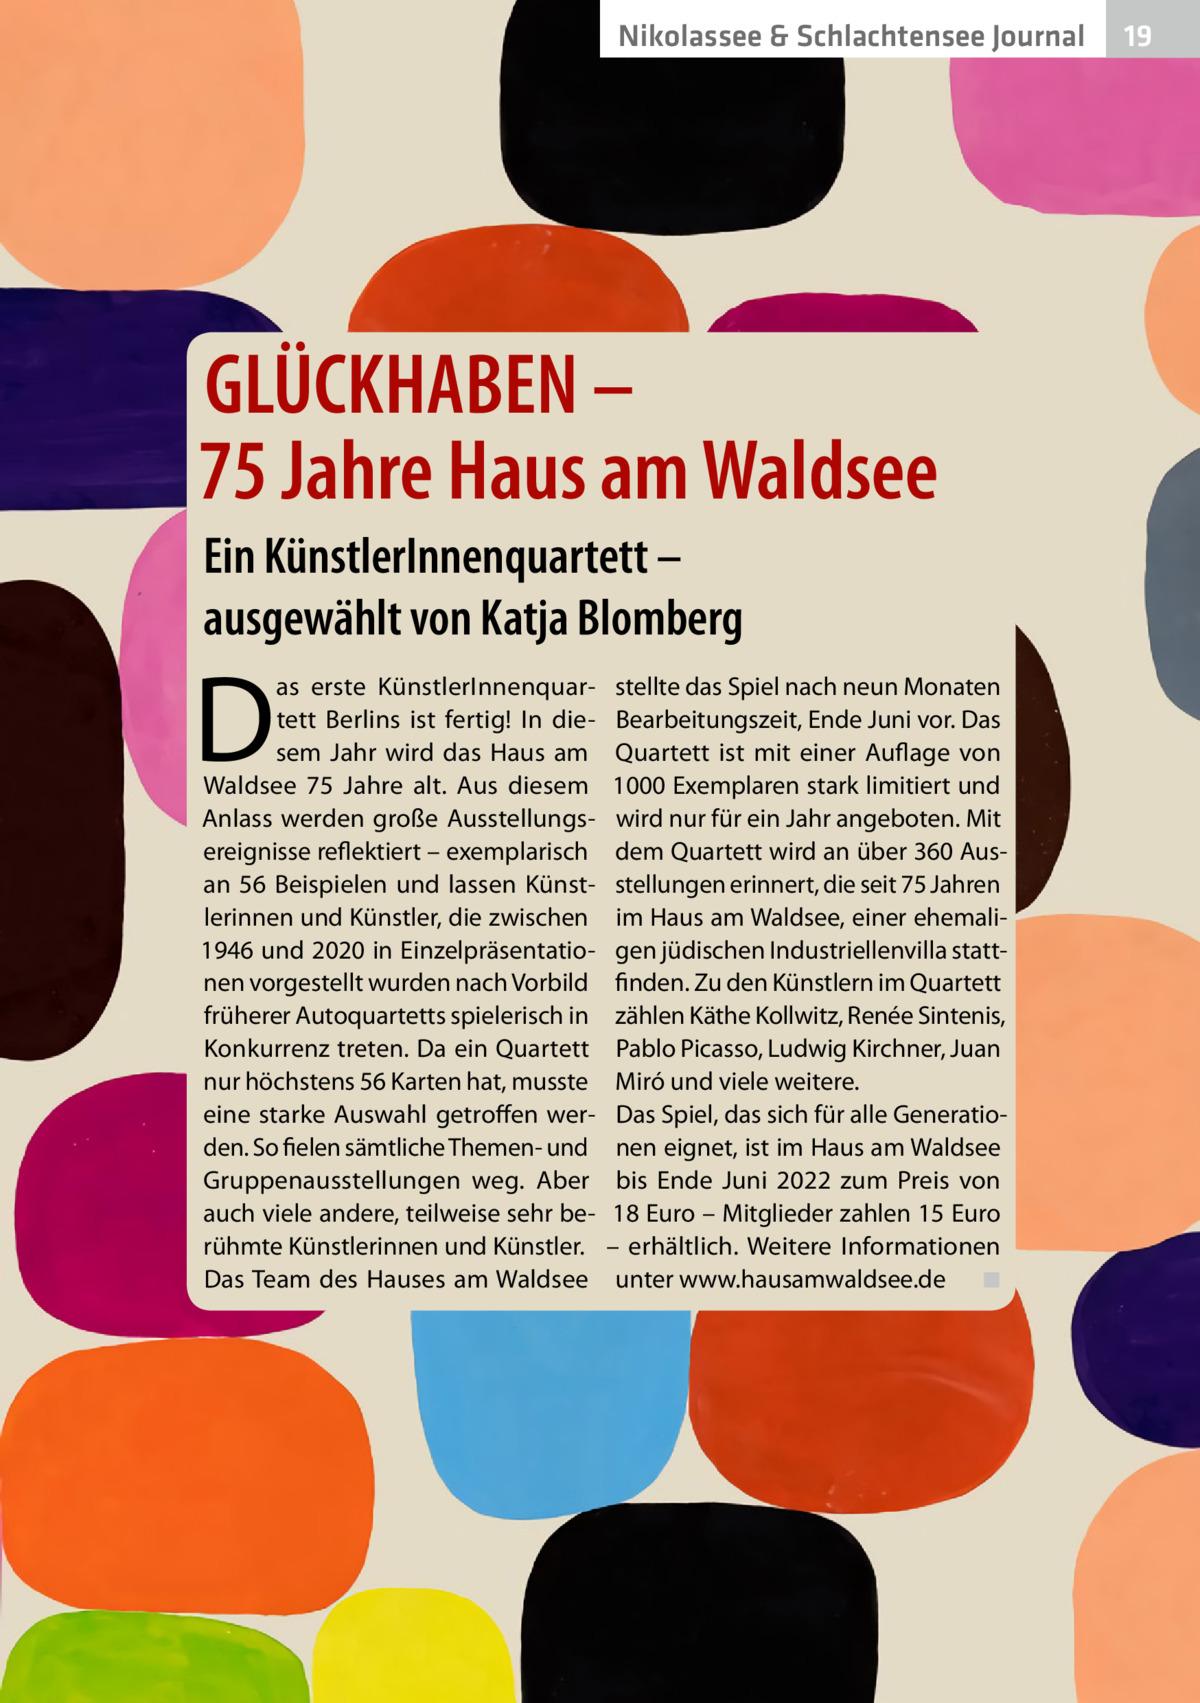 Nikolassee & Schlachtensee Gesundheit Journal  GLÜCKHABEN – 75Jahre Haus am Waldsee Ein KünstlerInnenquartett – ausgewählt von Katja Blomberg  D  as erste KünstlerInnenquartett Berlins ist fertig! In diesem Jahr wird das Haus am Waldsee 75 Jahre alt. Aus diesem Anlass werden große Ausstellungsereignisse reflektiert – exemplarisch an 56 Beispielen und lassen Künstlerinnen und Künstler, die zwischen 1946 und 2020 in Einzelpräsentationen vorgestellt wurden nach Vorbild früherer Autoquartetts spielerisch in Konkurrenz treten. Da ein Quartett nur höchstens 56 Karten hat, musste eine starke Auswahl getroffen werden. So fielen sämtliche Themen- und Gruppenausstellungen weg. Aber auch viele andere, teilweise sehr berühmte Künstlerinnen und Künstler. Das Team des Hauses am Waldsee  stellte das Spiel nach neun Monaten Bearbeitungszeit, Ende Juni vor. Das Quartett ist mit einer Auflage von 1000Exemplaren stark limitiert und wird nur für ein Jahr angeboten. Mit dem Quartett wird an über 360Ausstellungen erinnert, die seit 75Jahren im Haus am Waldsee, einer ehemaligen jüdischen Industriellenvilla stattfinden. Zu den Künstlern im Quartett zählen Käthe Kollwitz, Renée Sintenis, Pablo Picasso, Ludwig Kirchner, Juan Miró und viele weitere. Das Spiel, das sich für alle Generationen eignet, ist im Haus am Waldsee bis Ende Juni 2022 zum Preis von 18Euro – Mitglieder zahlen 15Euro – erhältlich. Weitere Informationen unter www.hausamwaldsee.de � ◾  19